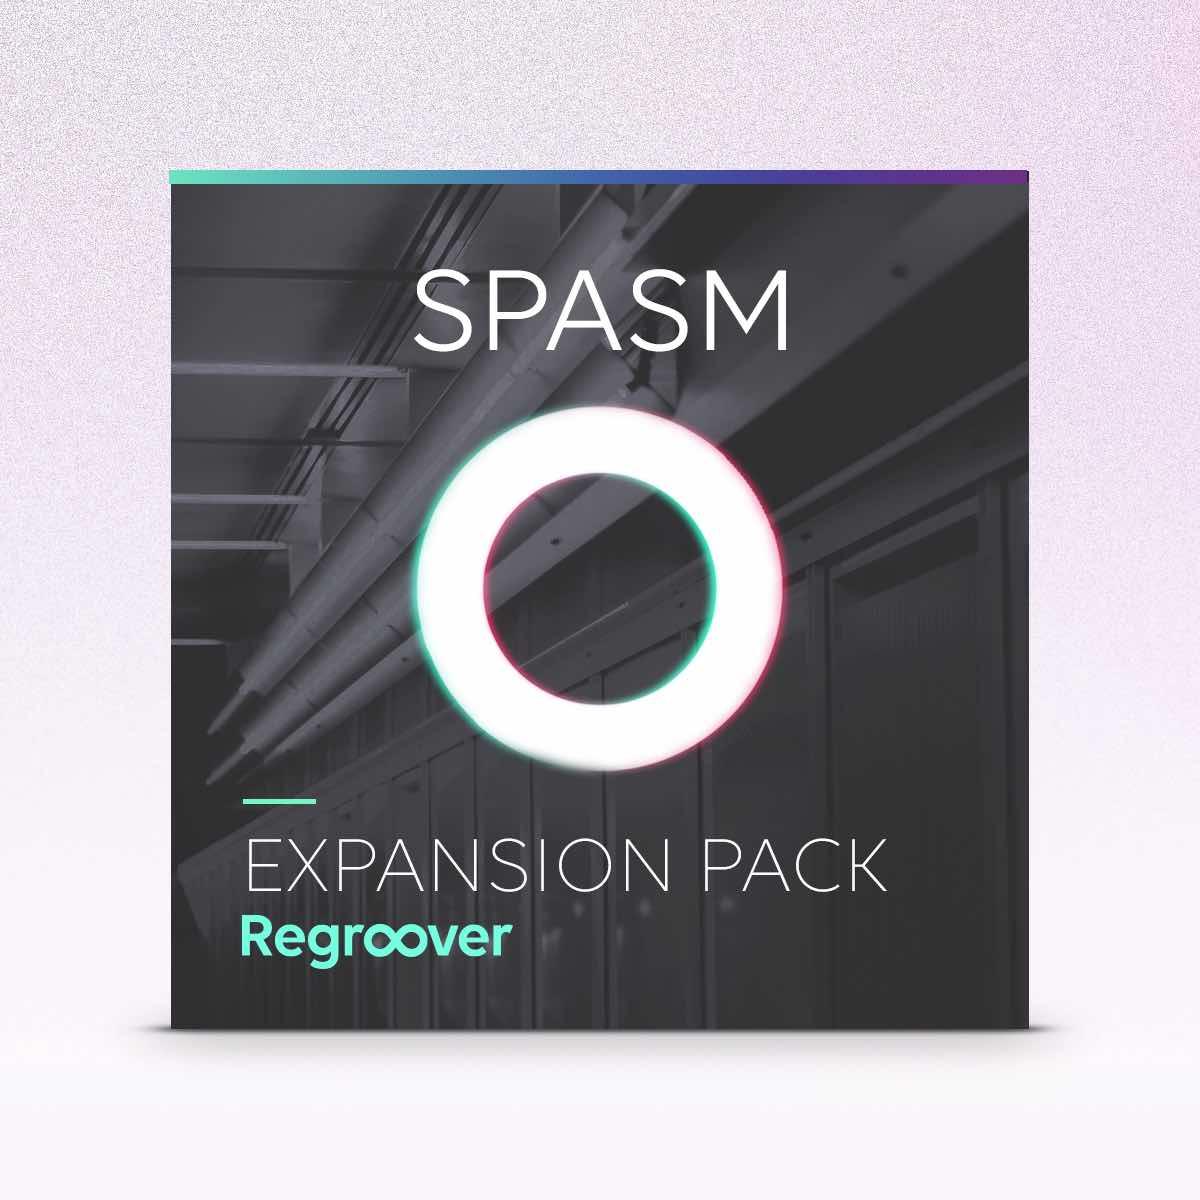 SPASM | Regroover Pack